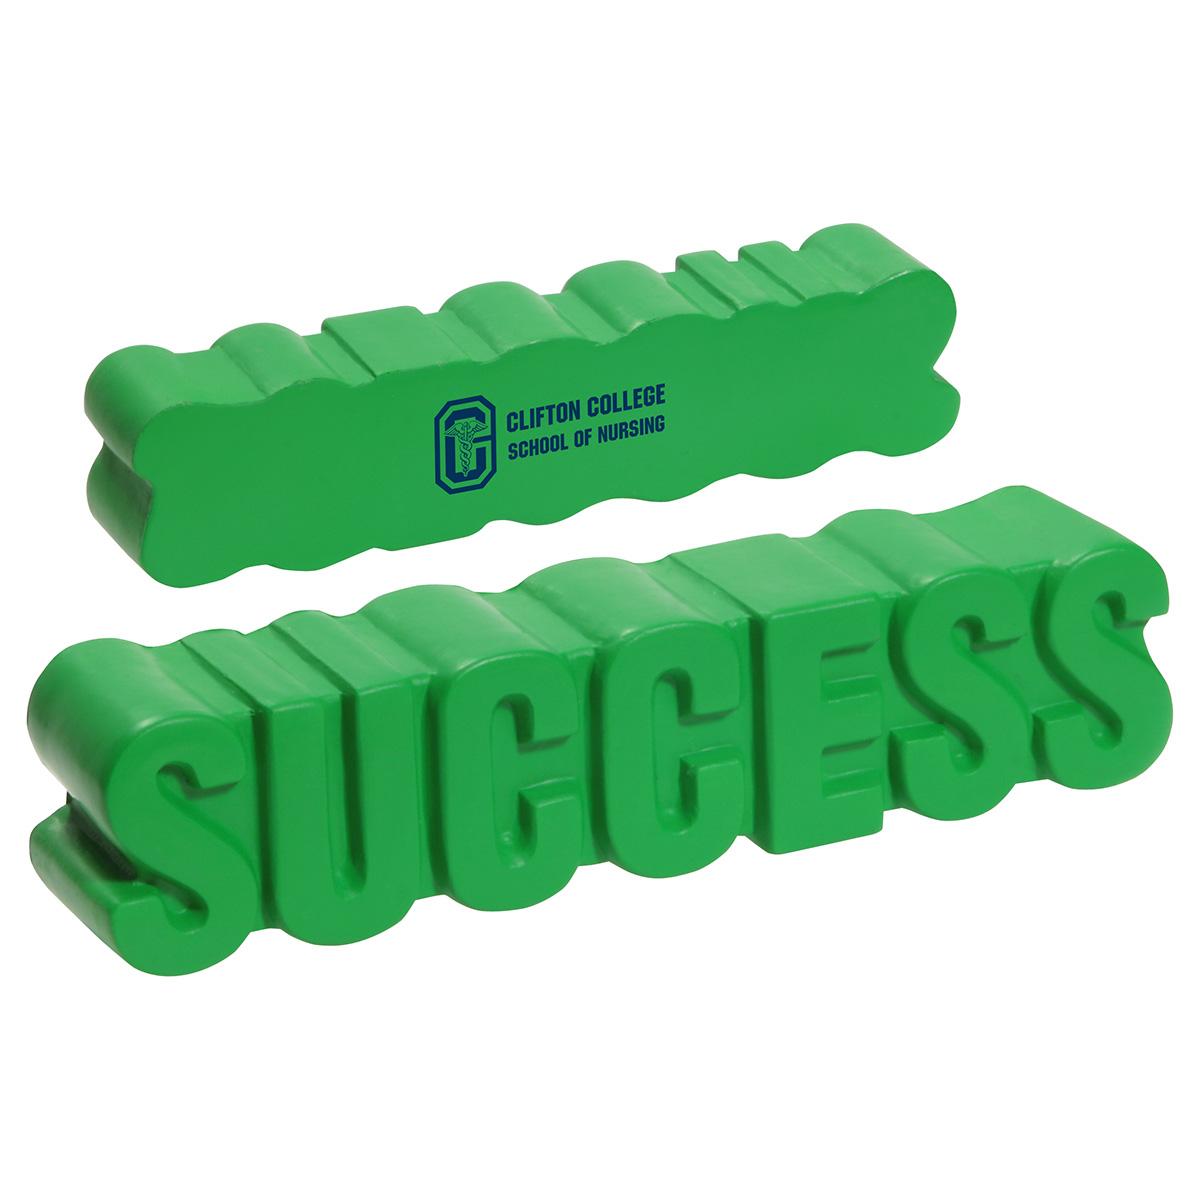 Success Word Stress Reliever, LGS-SC12, 1 Colour Imprint